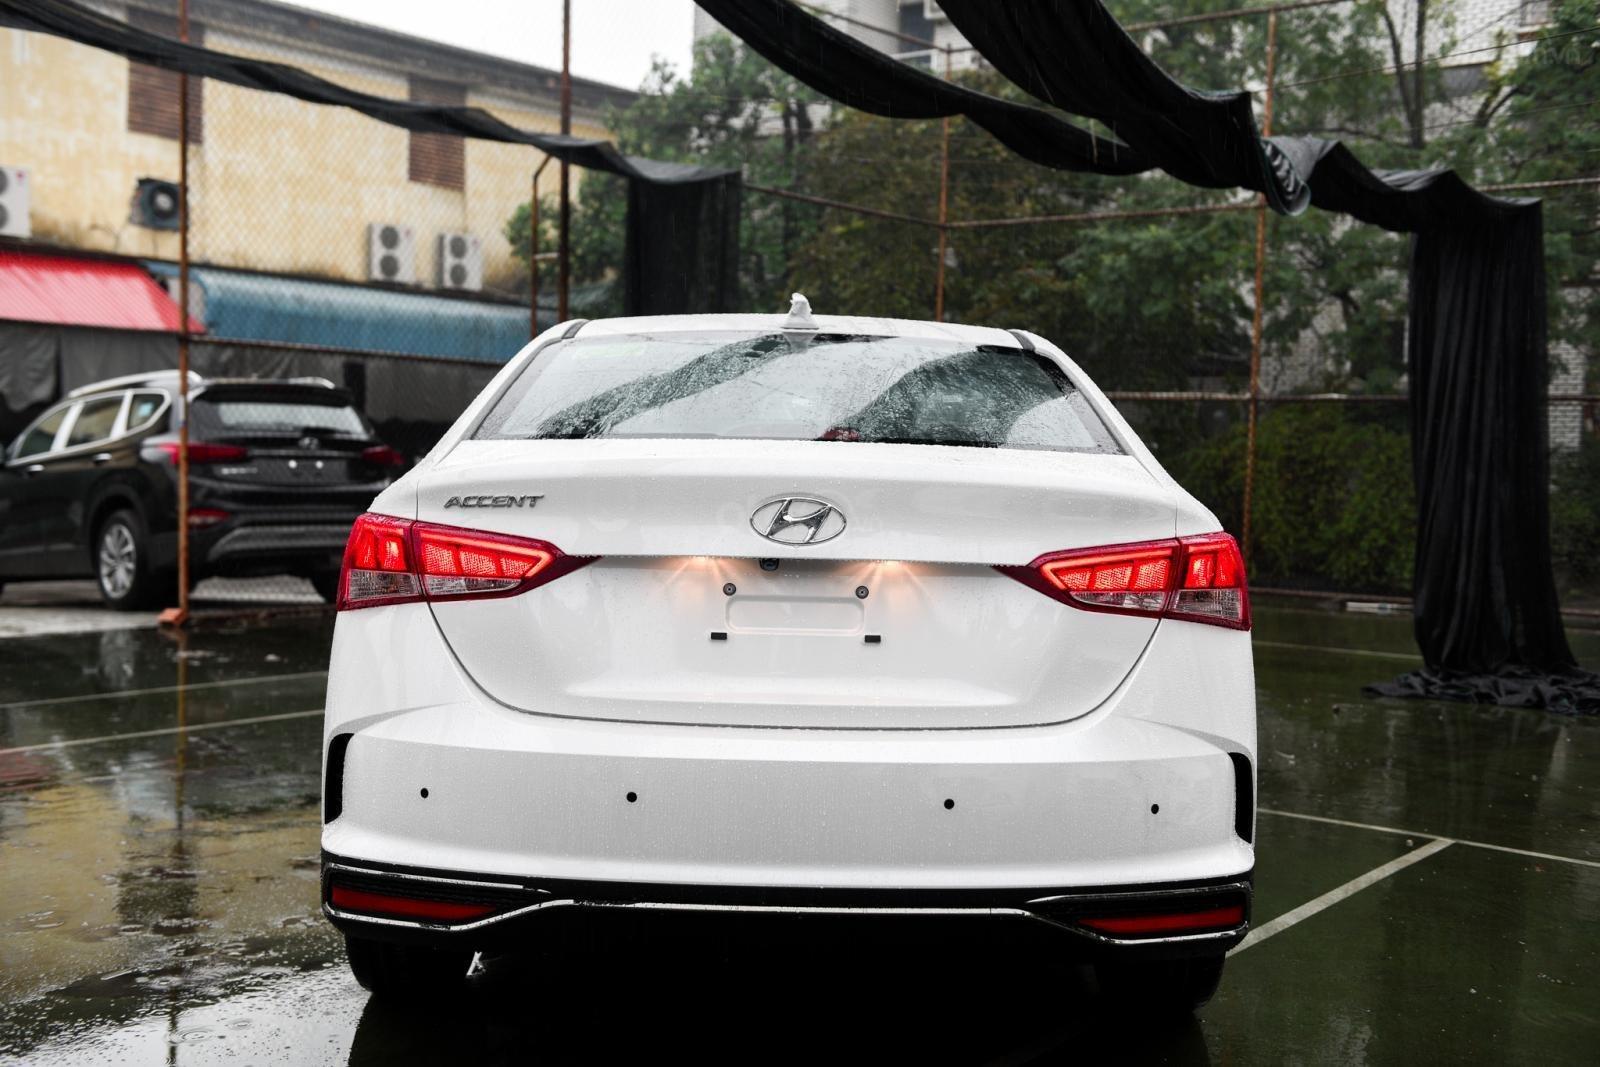 Hyundai Accent 1.4 AT đặc biệt 2021, giá tốt nhất miền Bắc, tặng gói phụ kiện chính hãng, hỗ trợ trả góp 85% (4)